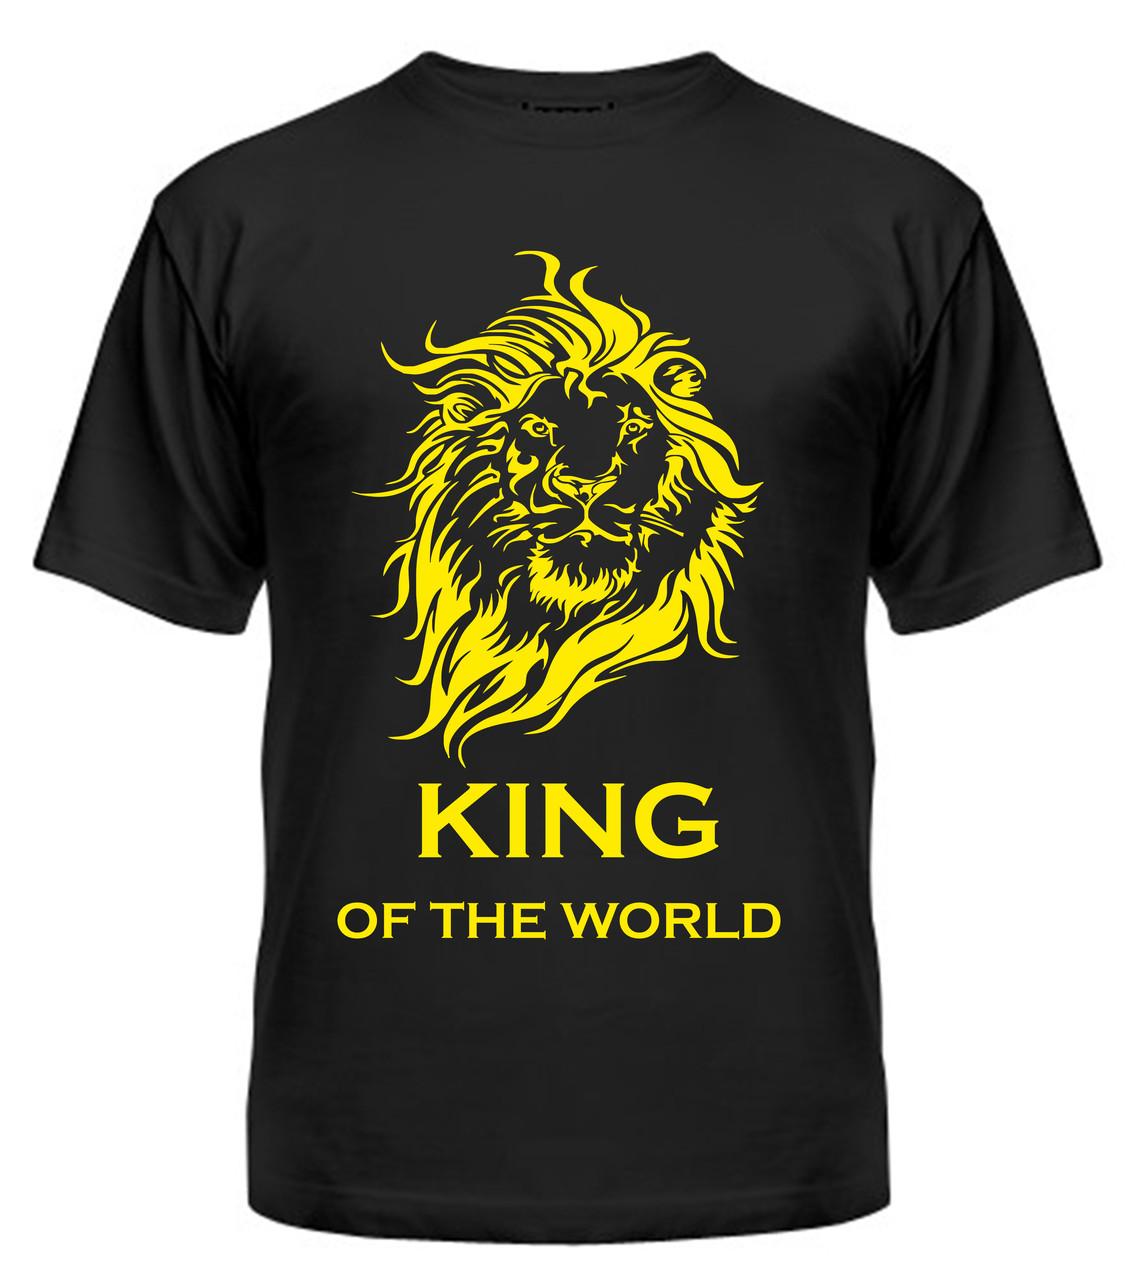 Мужская футболка с принтом Кing желтый